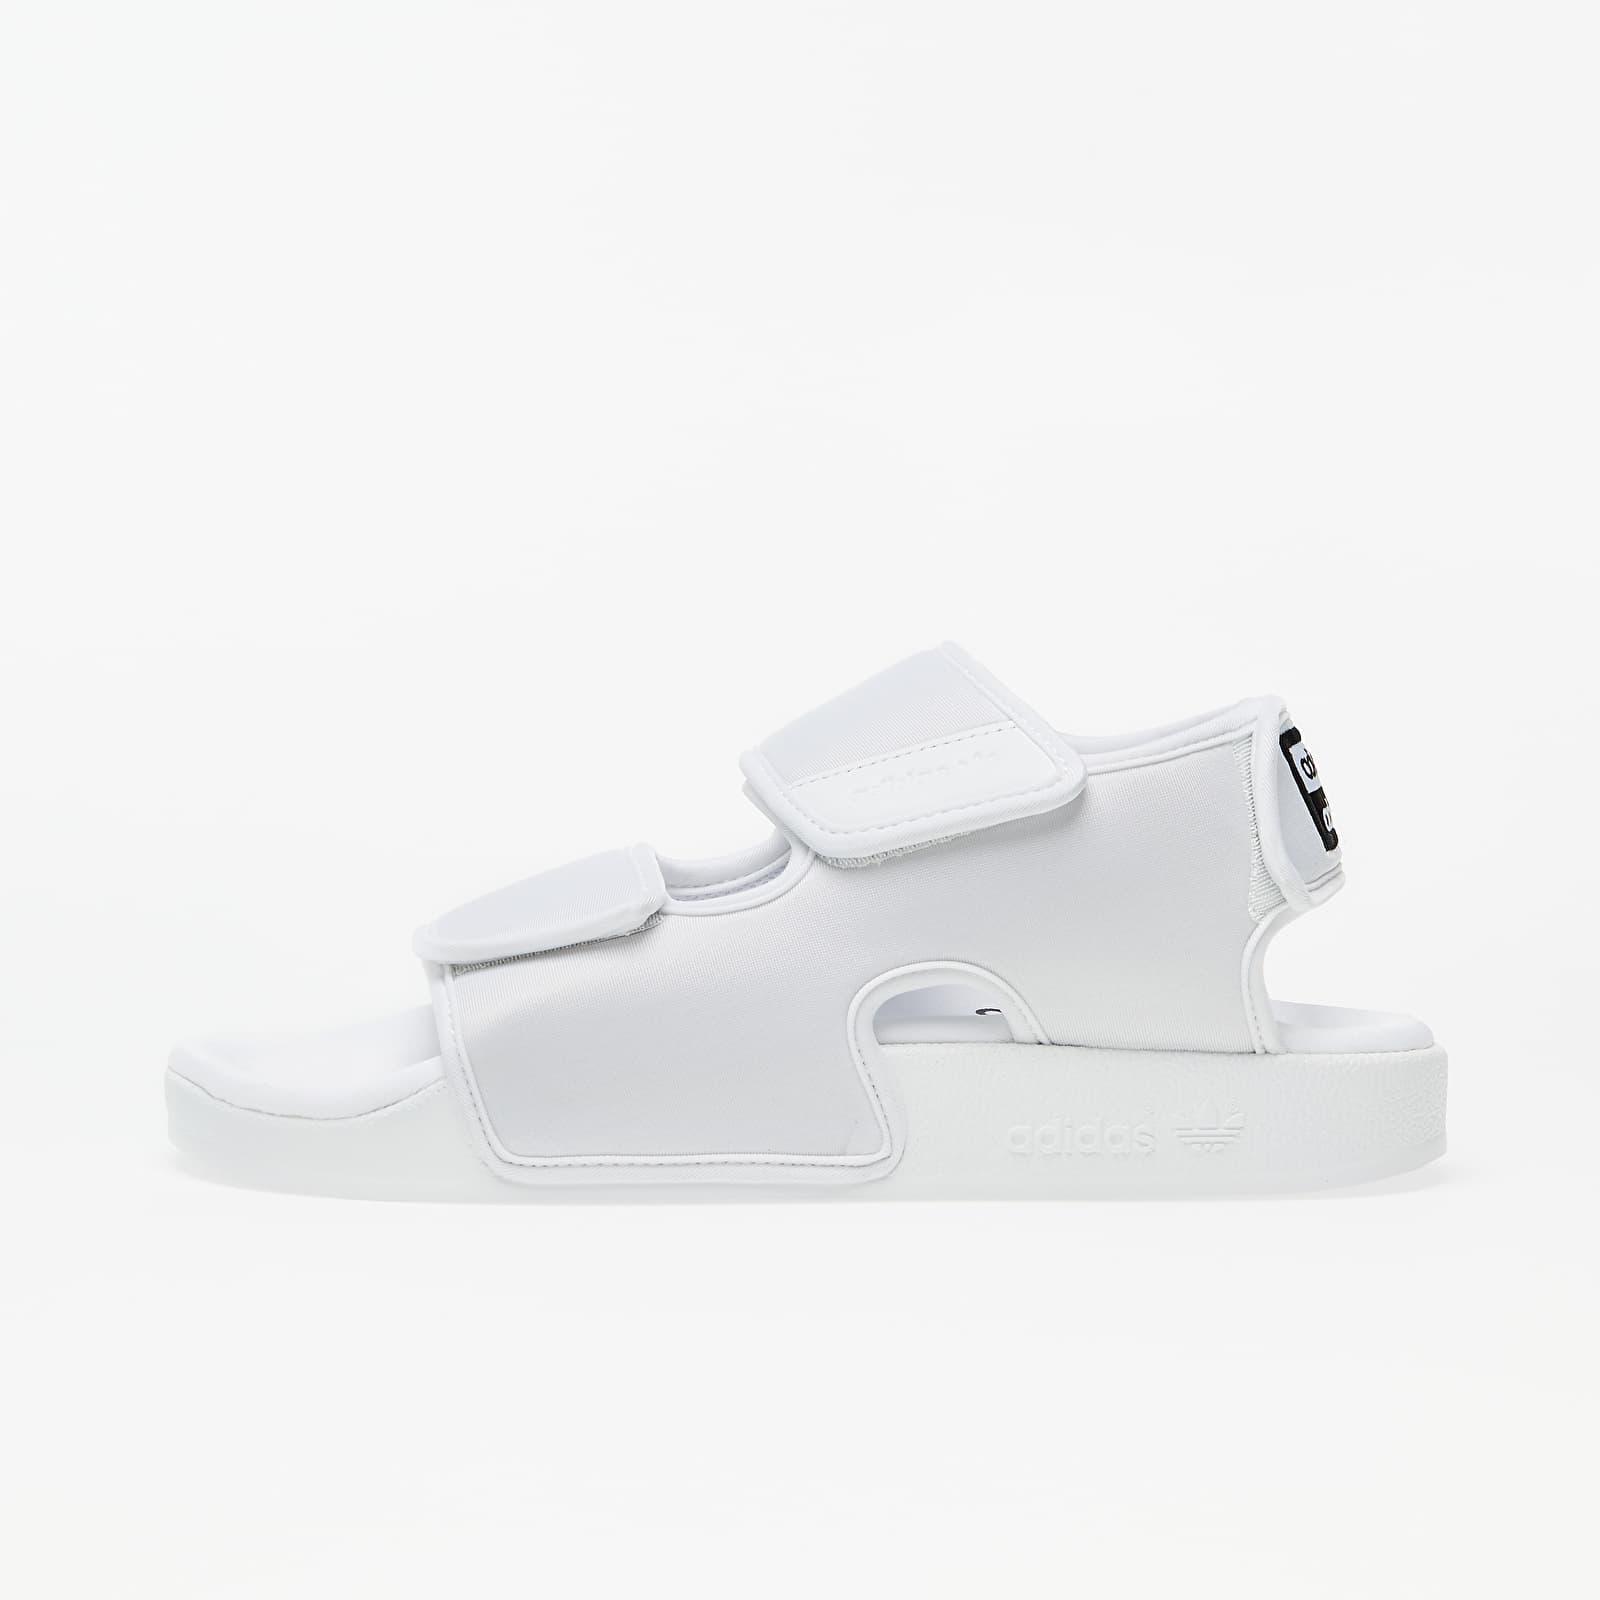 Încălțăminte și sneakerși pentru bărbați adidas Adilette Sandal 3.0 Ftw White/ Ftw White/ Core Black